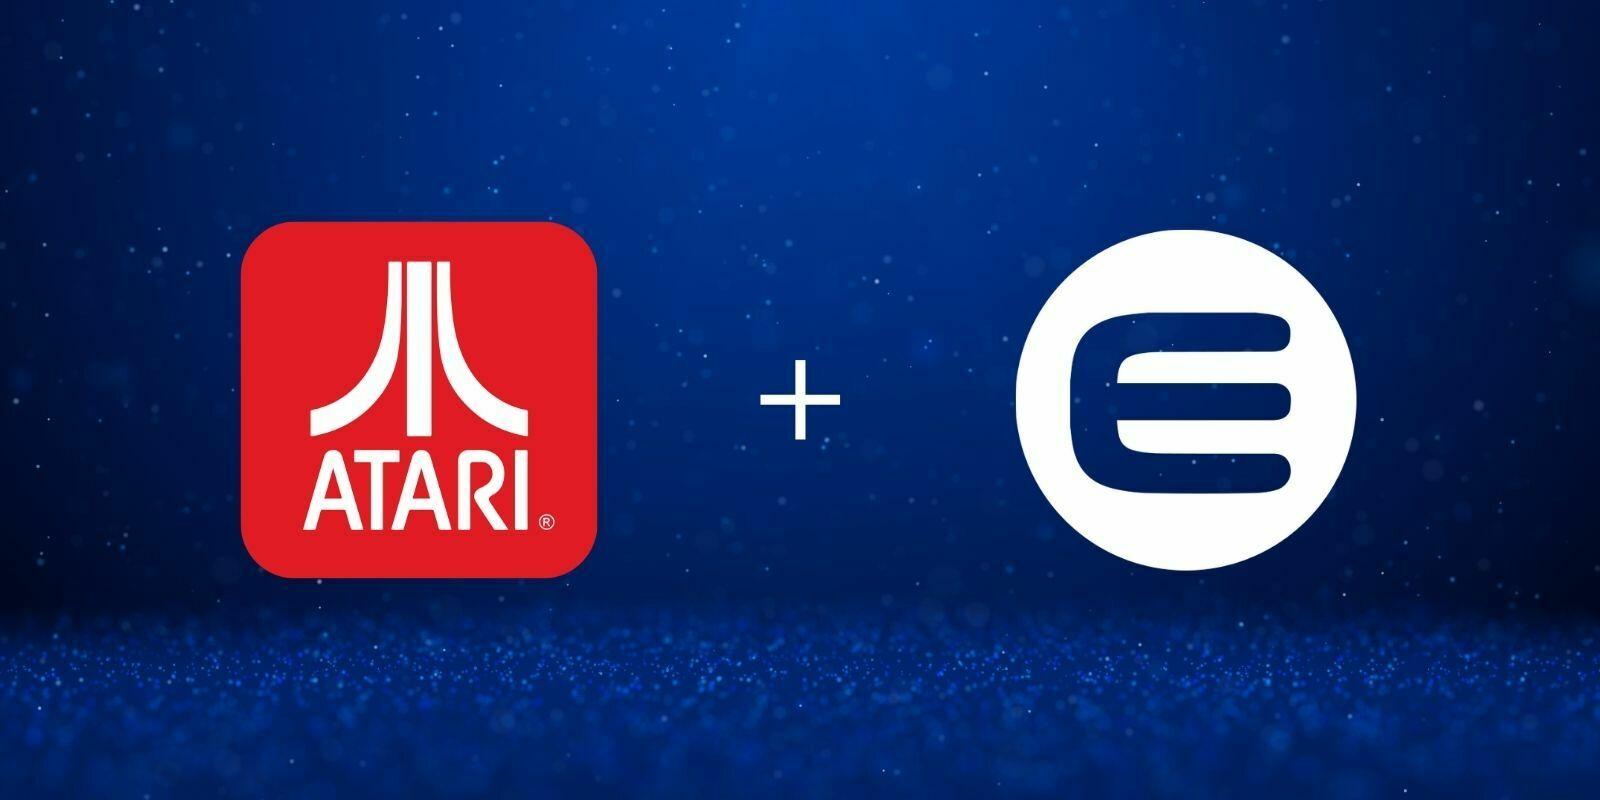 Atari s'associe à Enjin (ENJ) pour le développement des NFTs